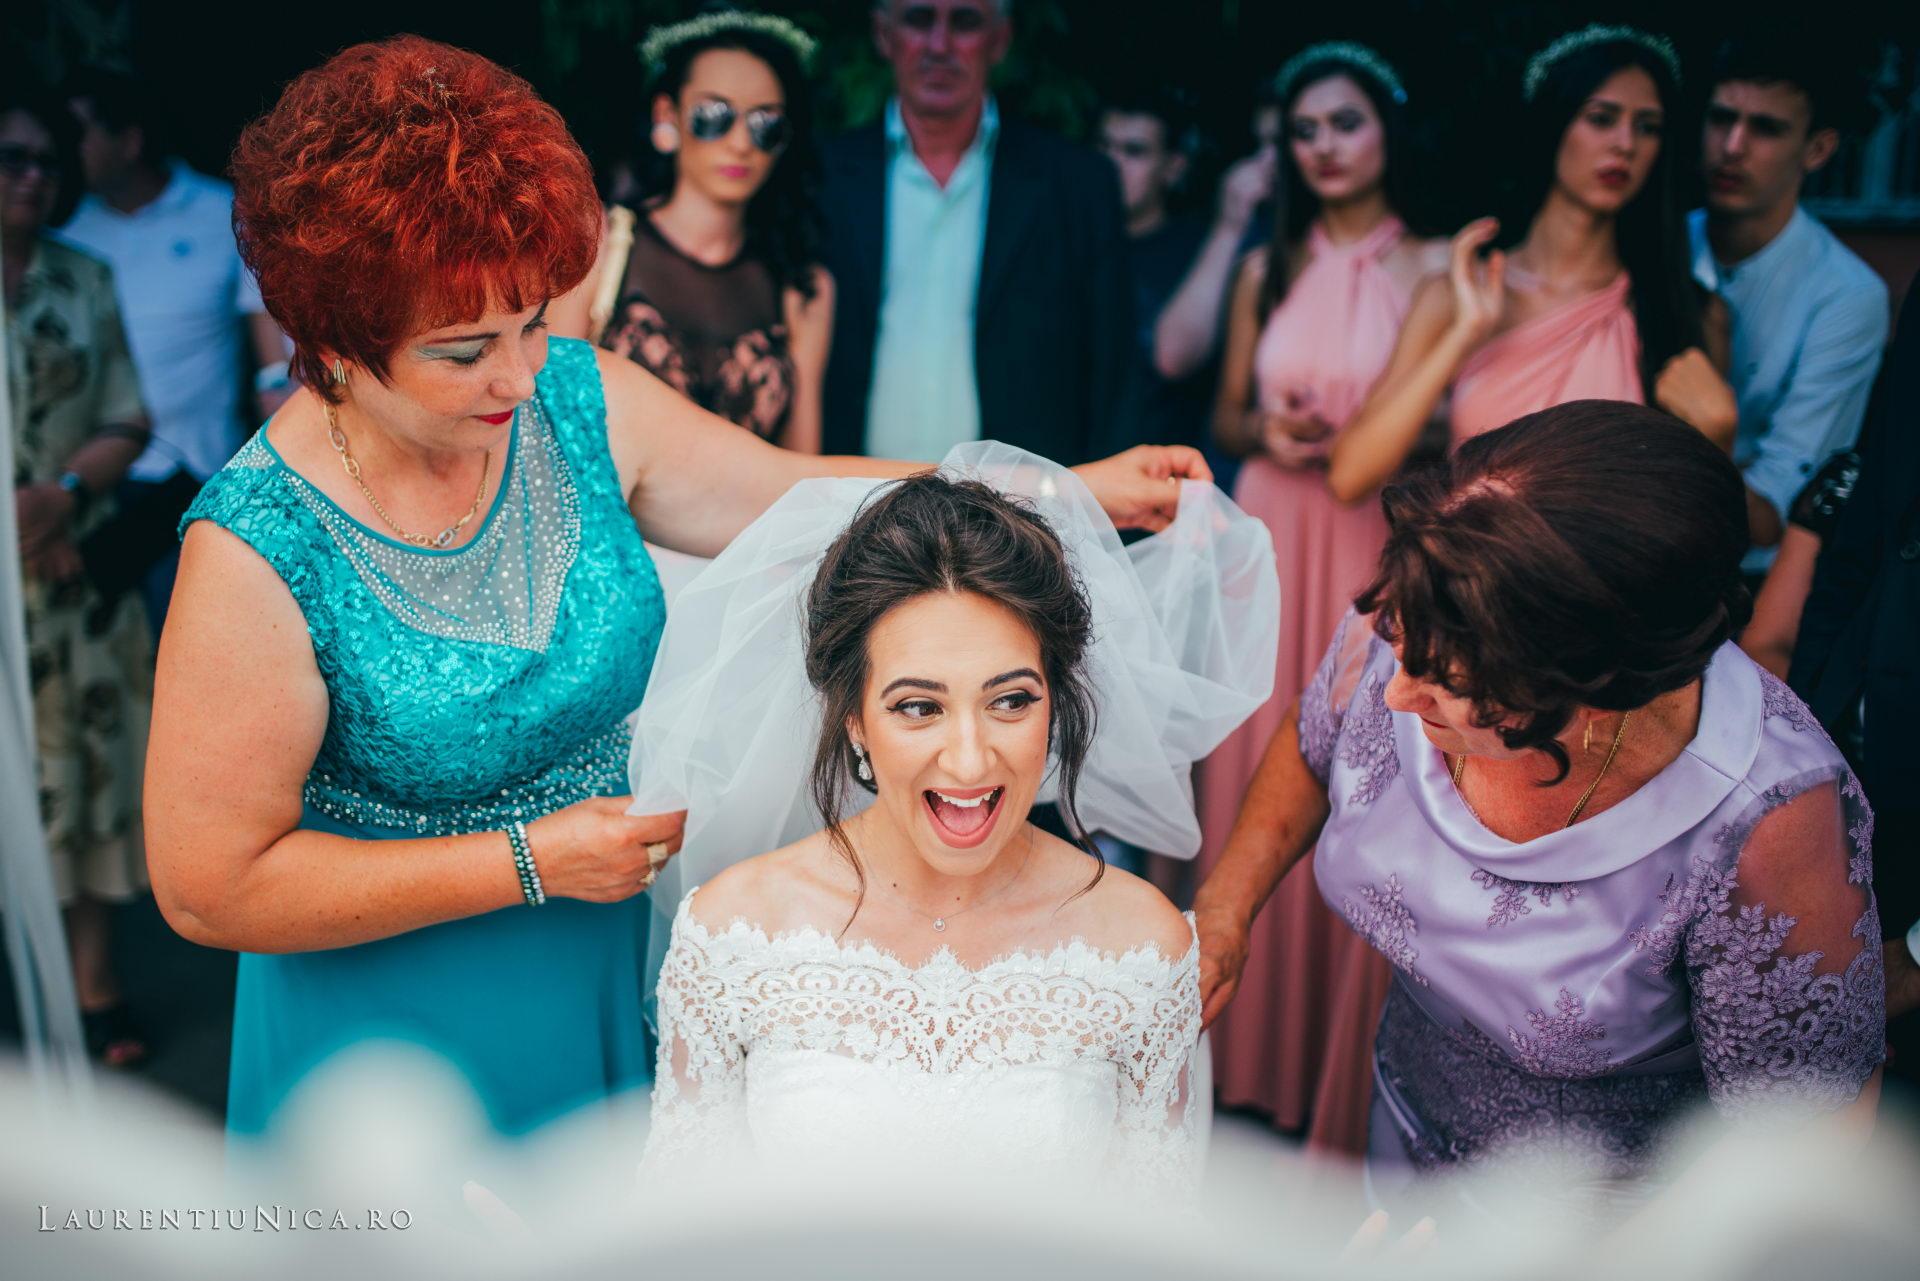 Cristina si Ovidiu nunta Craiova fotograf laurentiu nica 081 - Cristina & Ovidiu | Fotografii nunta | Craiova